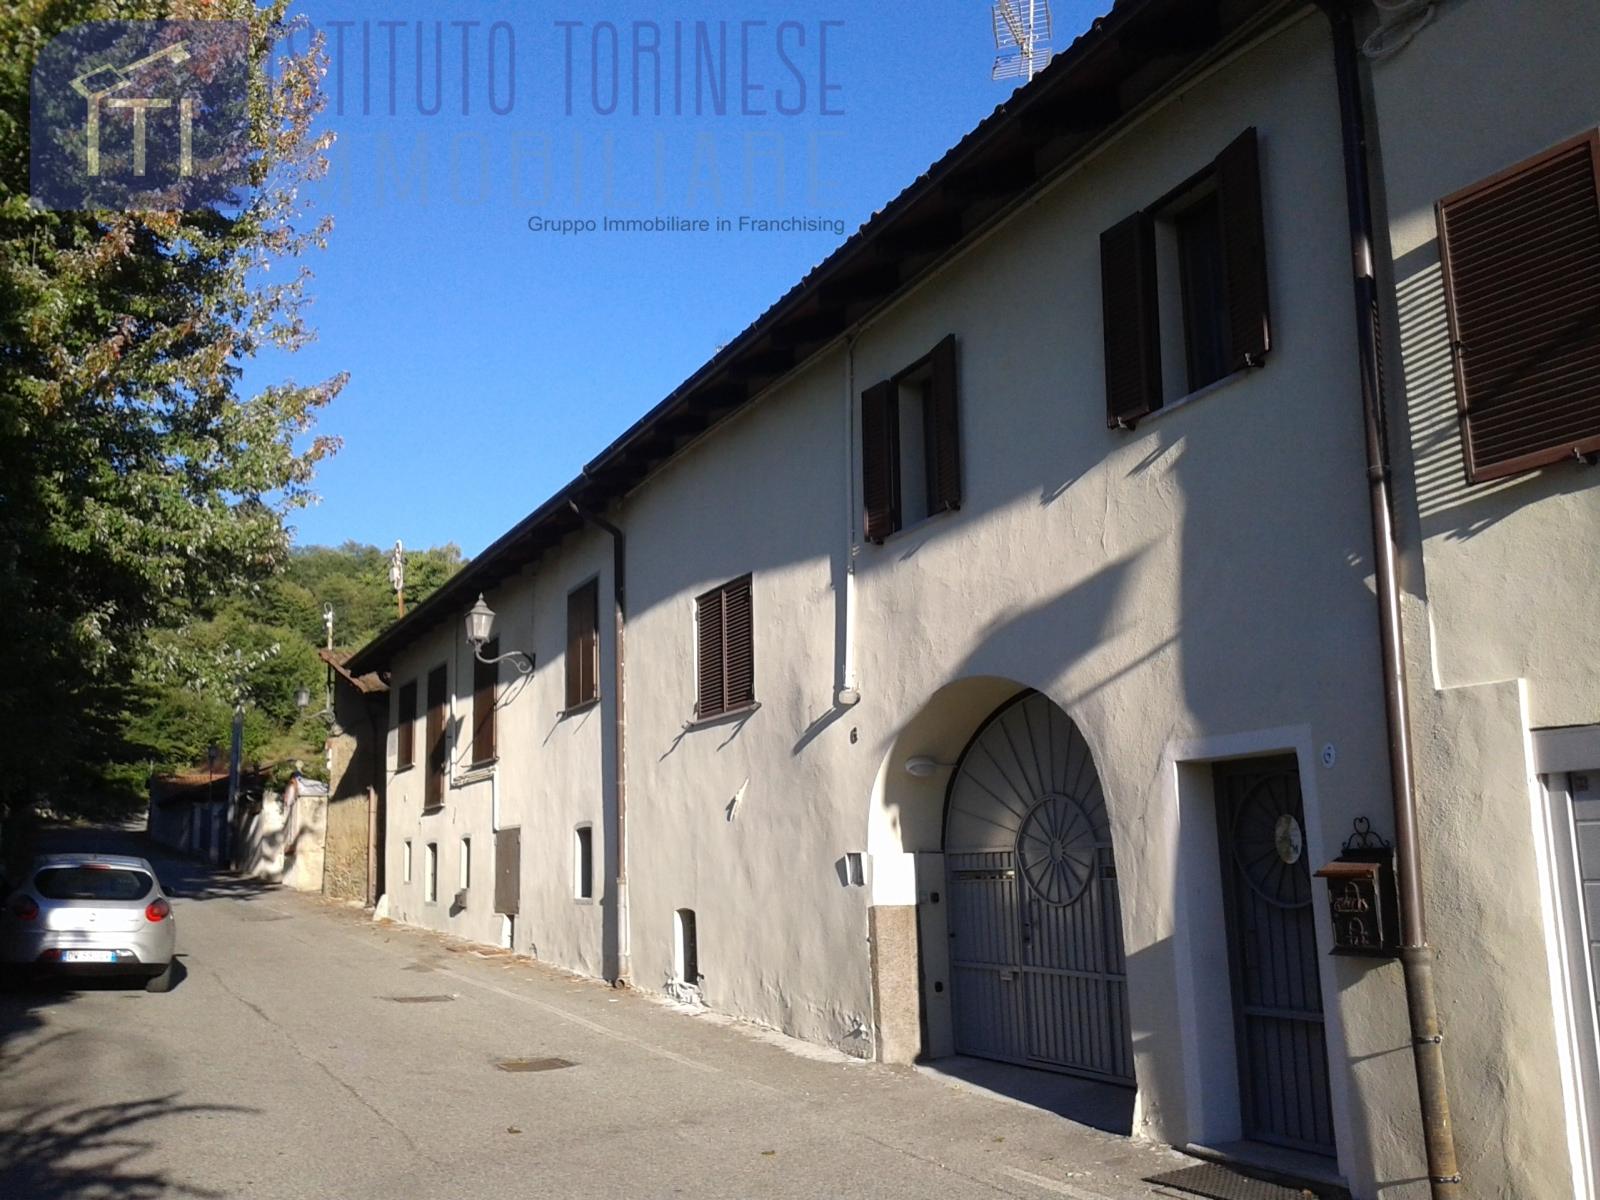 Appartamento in vendita a Dorzano, 4 locali, prezzo € 39.000 | PortaleAgenzieImmobiliari.it